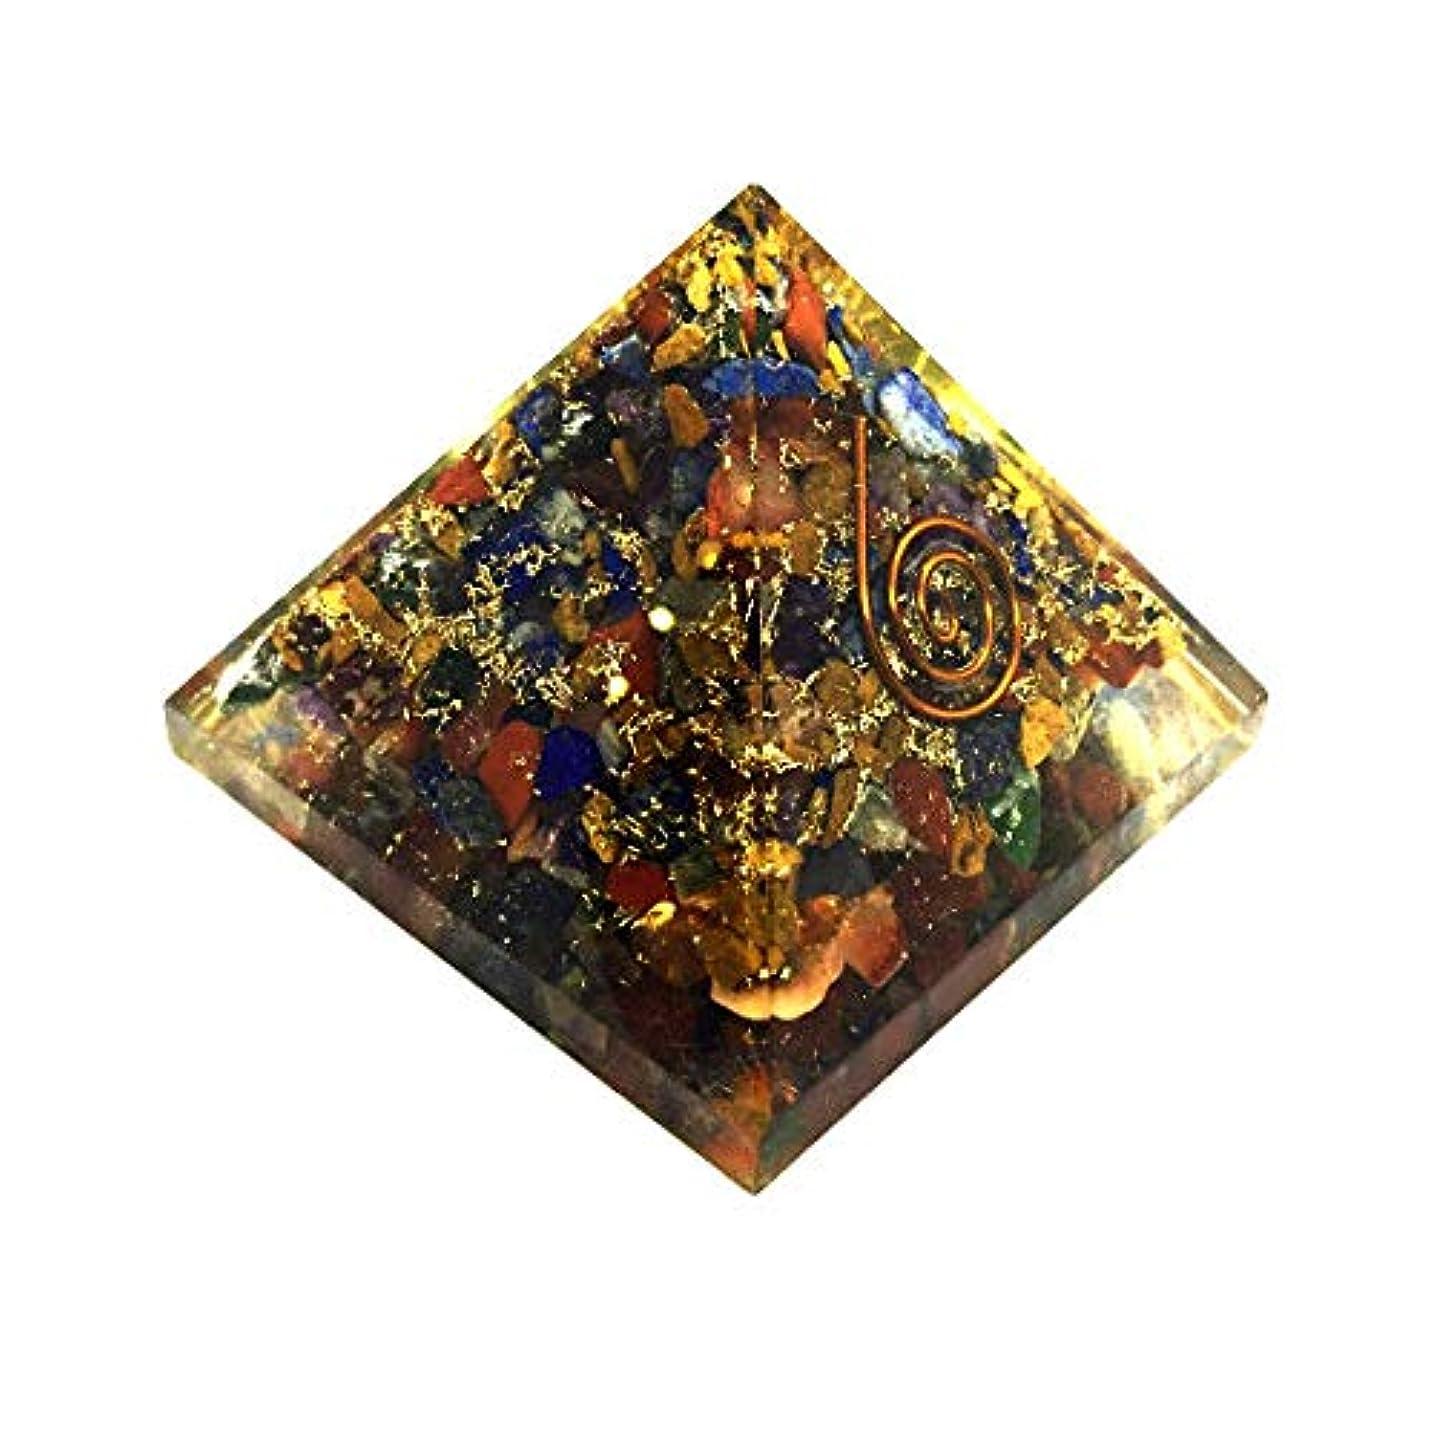 復活させる連帯億crocon Mix Chakra OrgoneピラミッドエネルギージェネレータレイキHealingオーラクレンジング& EMFの保護サイズ: 2.5 – 3インチ